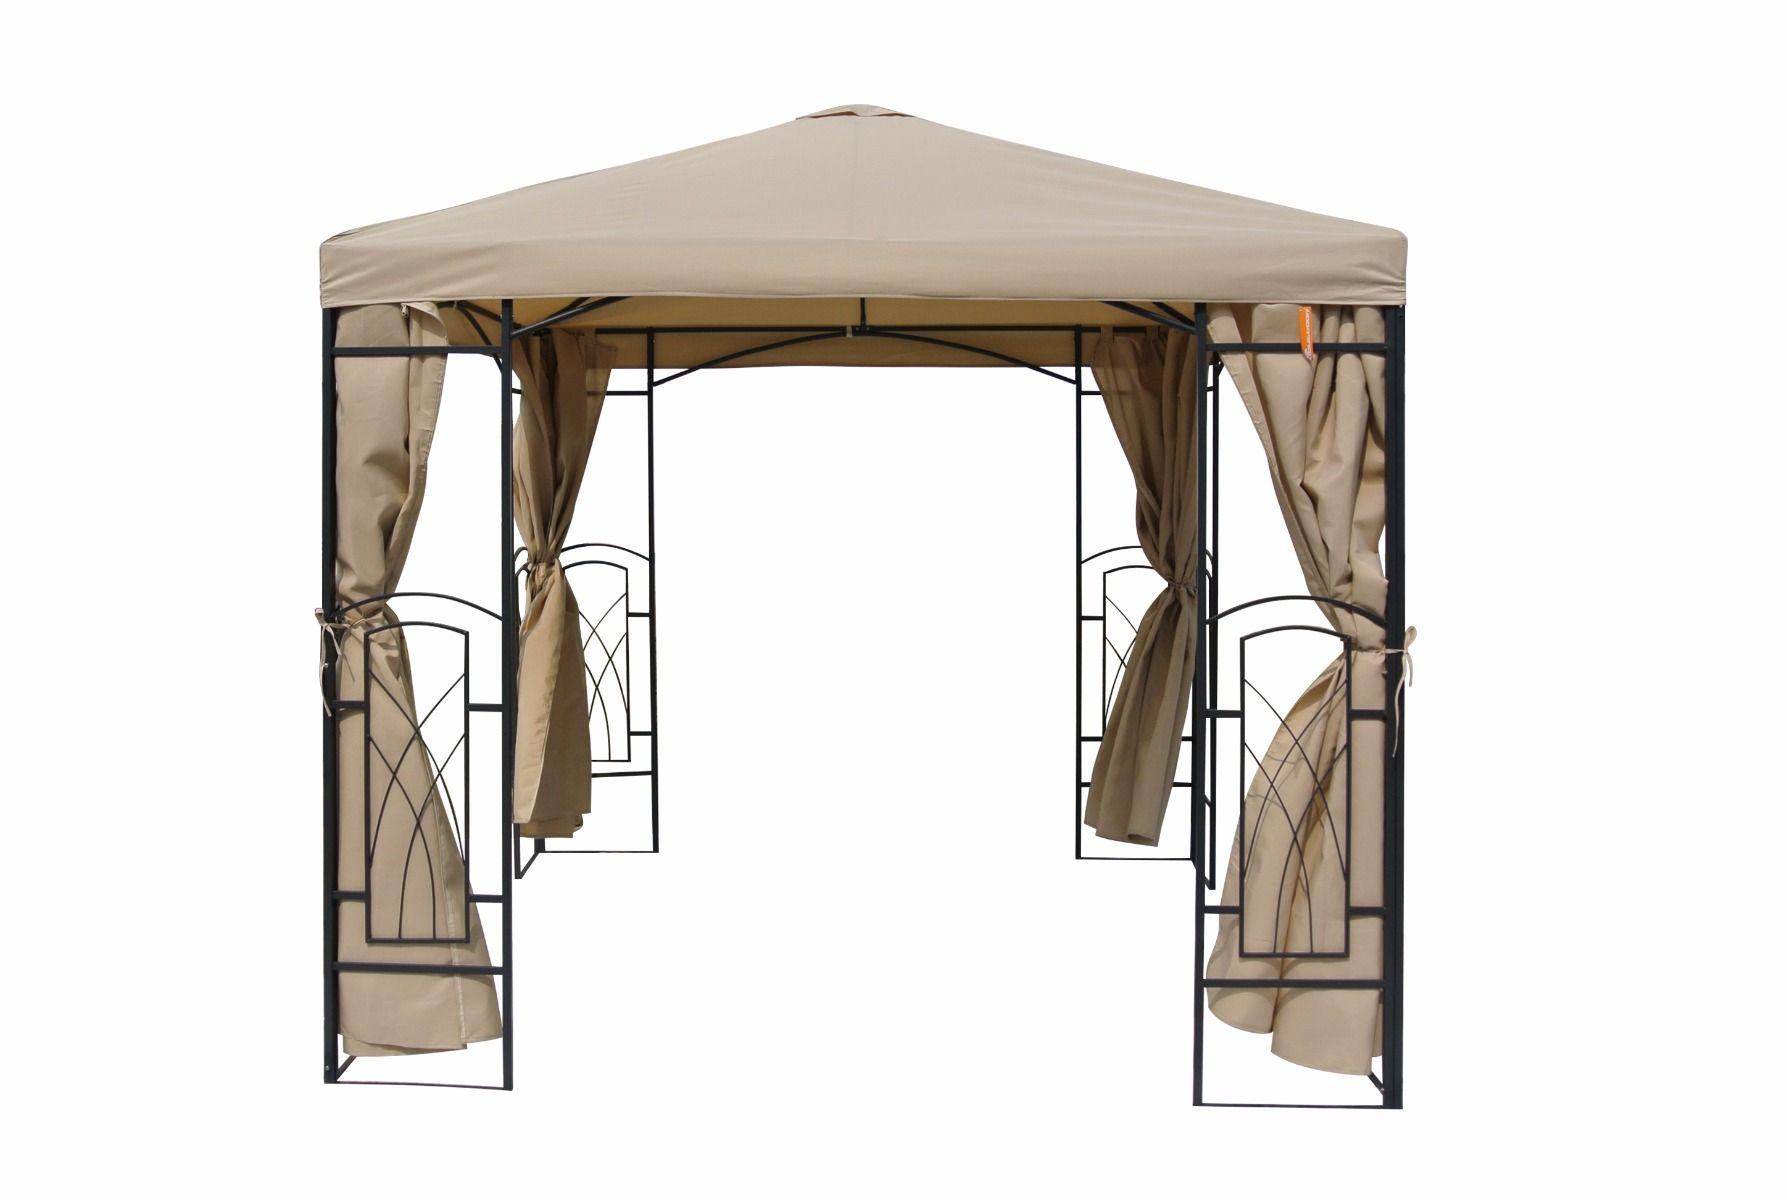 tuinpaviljoen 250x250 met wanden beauty caravan ideeen pinterest. Black Bedroom Furniture Sets. Home Design Ideas